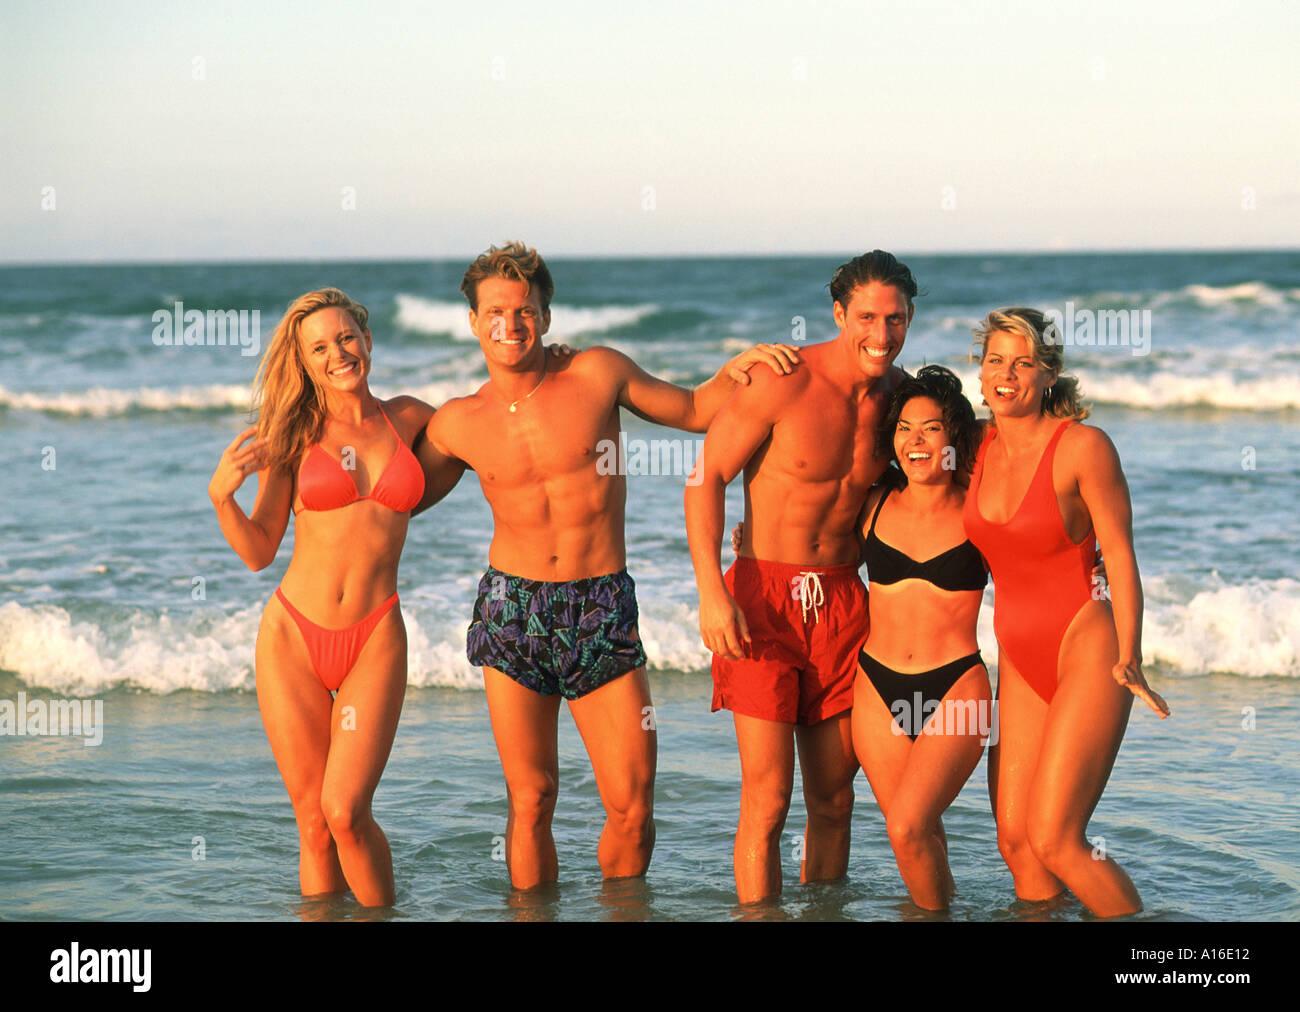 Los adolescentes atractivos de múltiples etnias divirtiéndose en la playa. Imagen De Stock